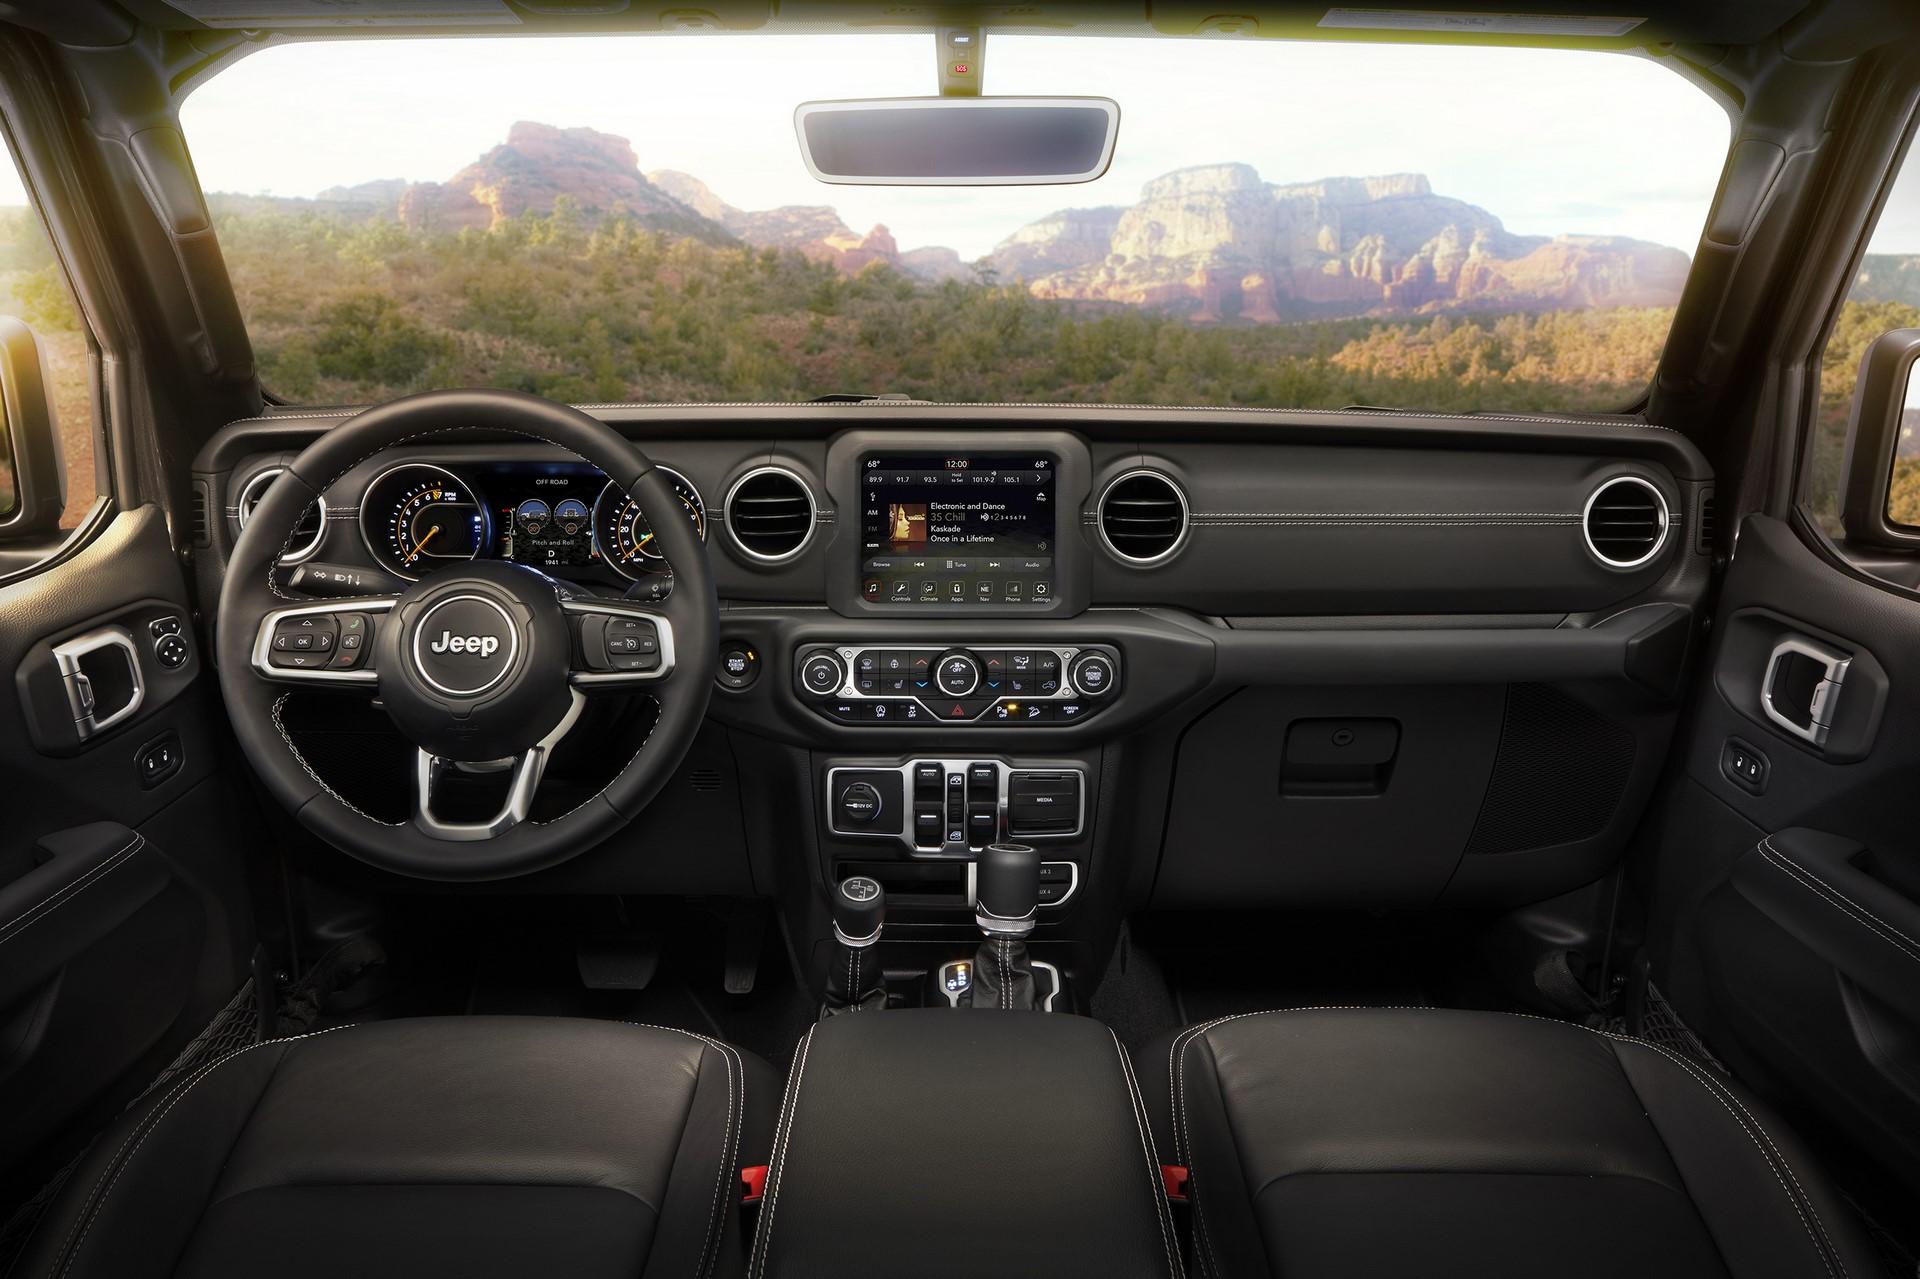 2018 Jeep Wrangler 110 (13)